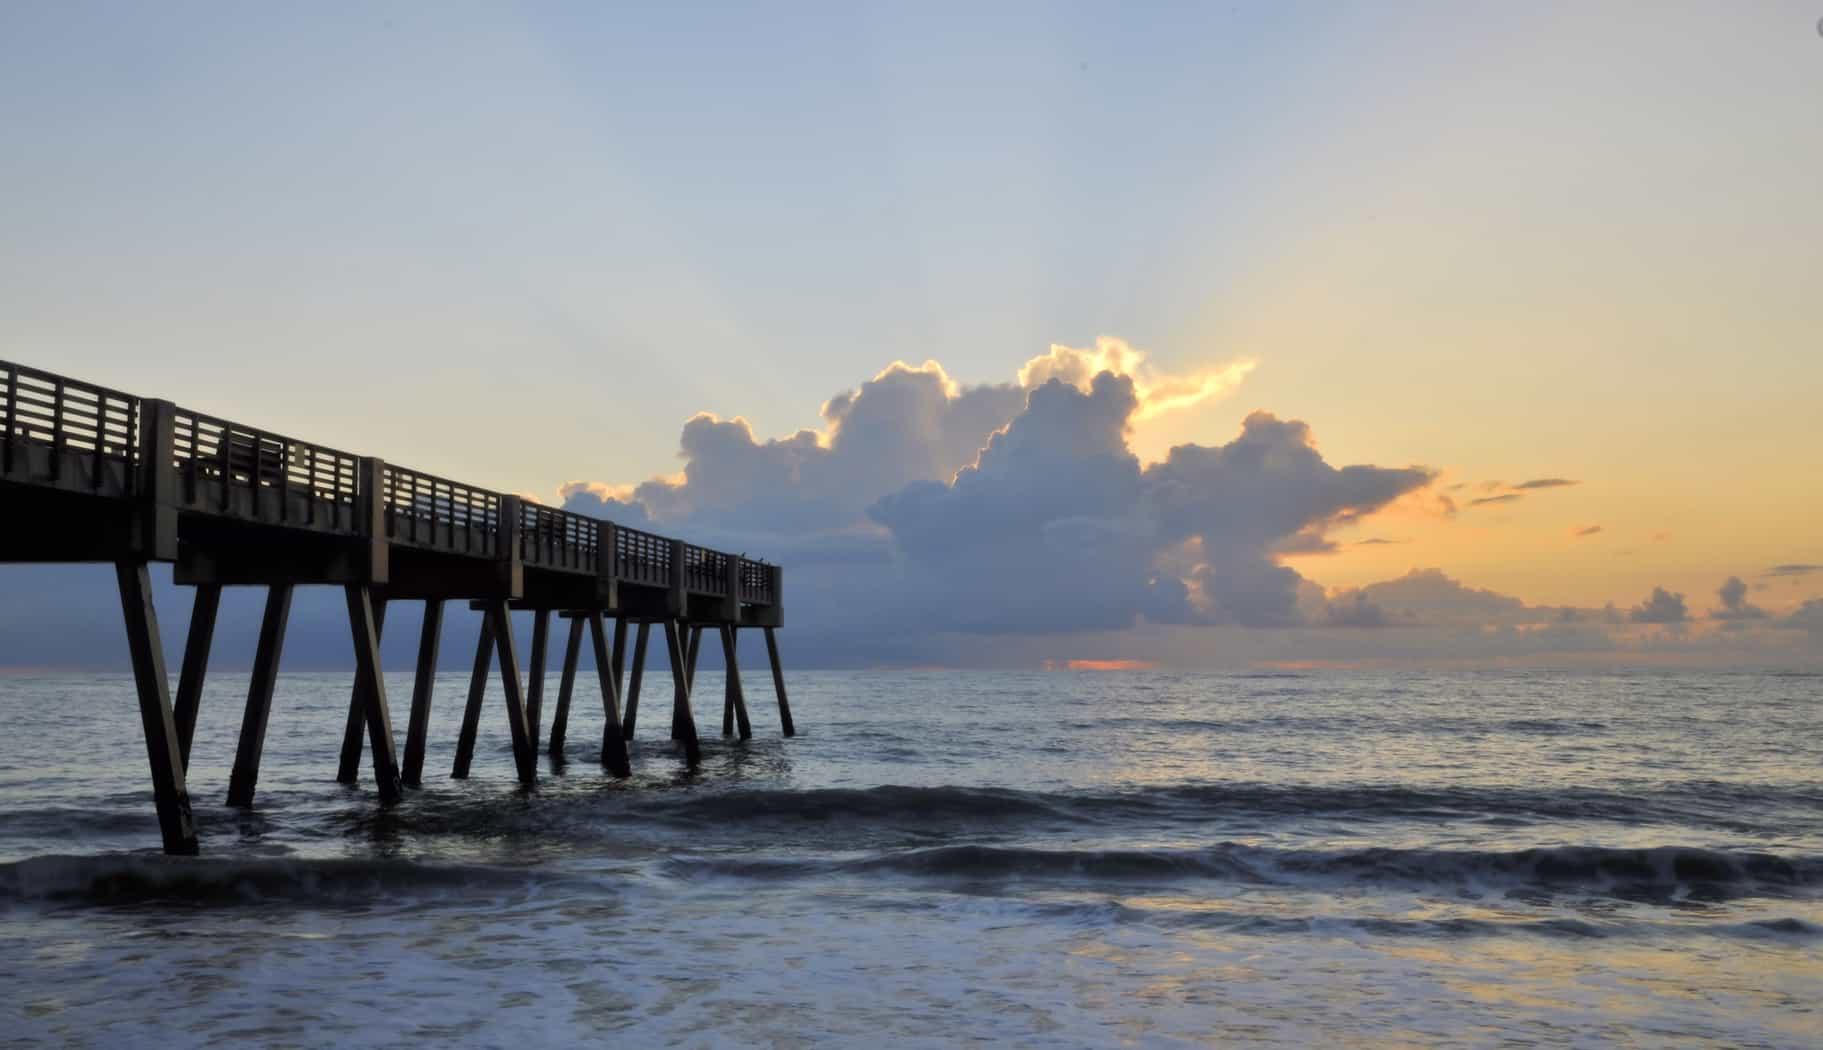 Pier on Vero Beach, FL